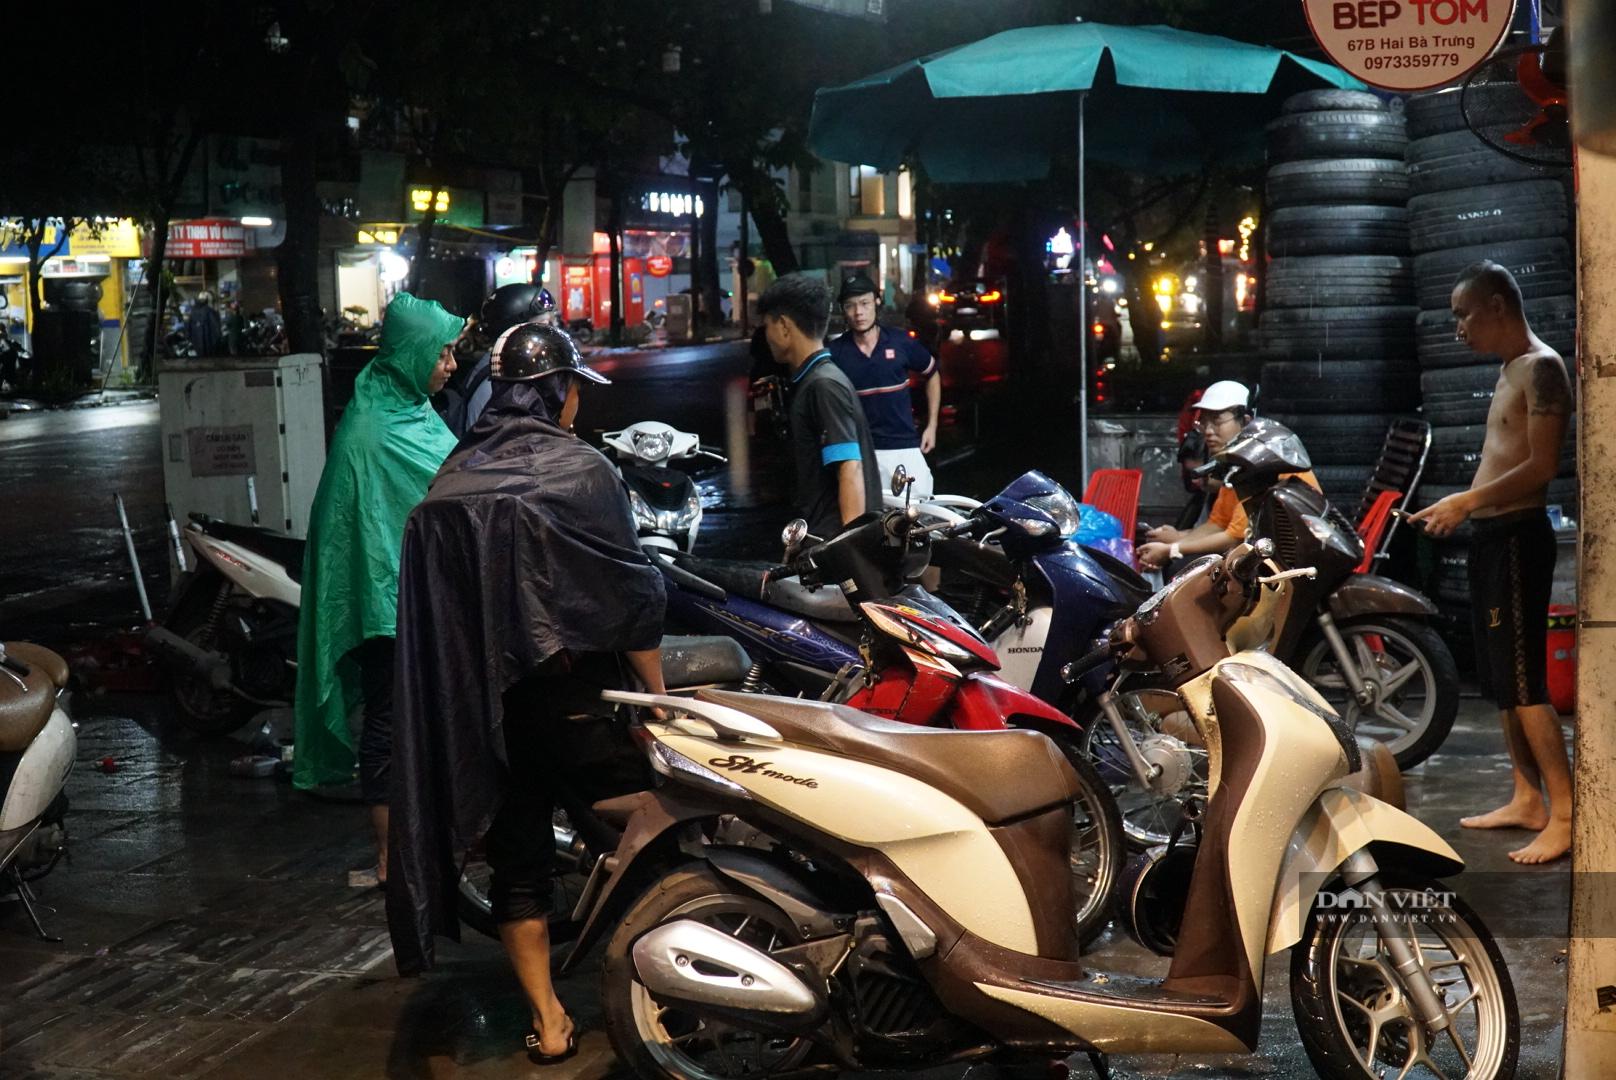 Hà Nội: Lau bugi xe sau cơn mưa lớn kiếm bộn tiền - Ảnh 7.